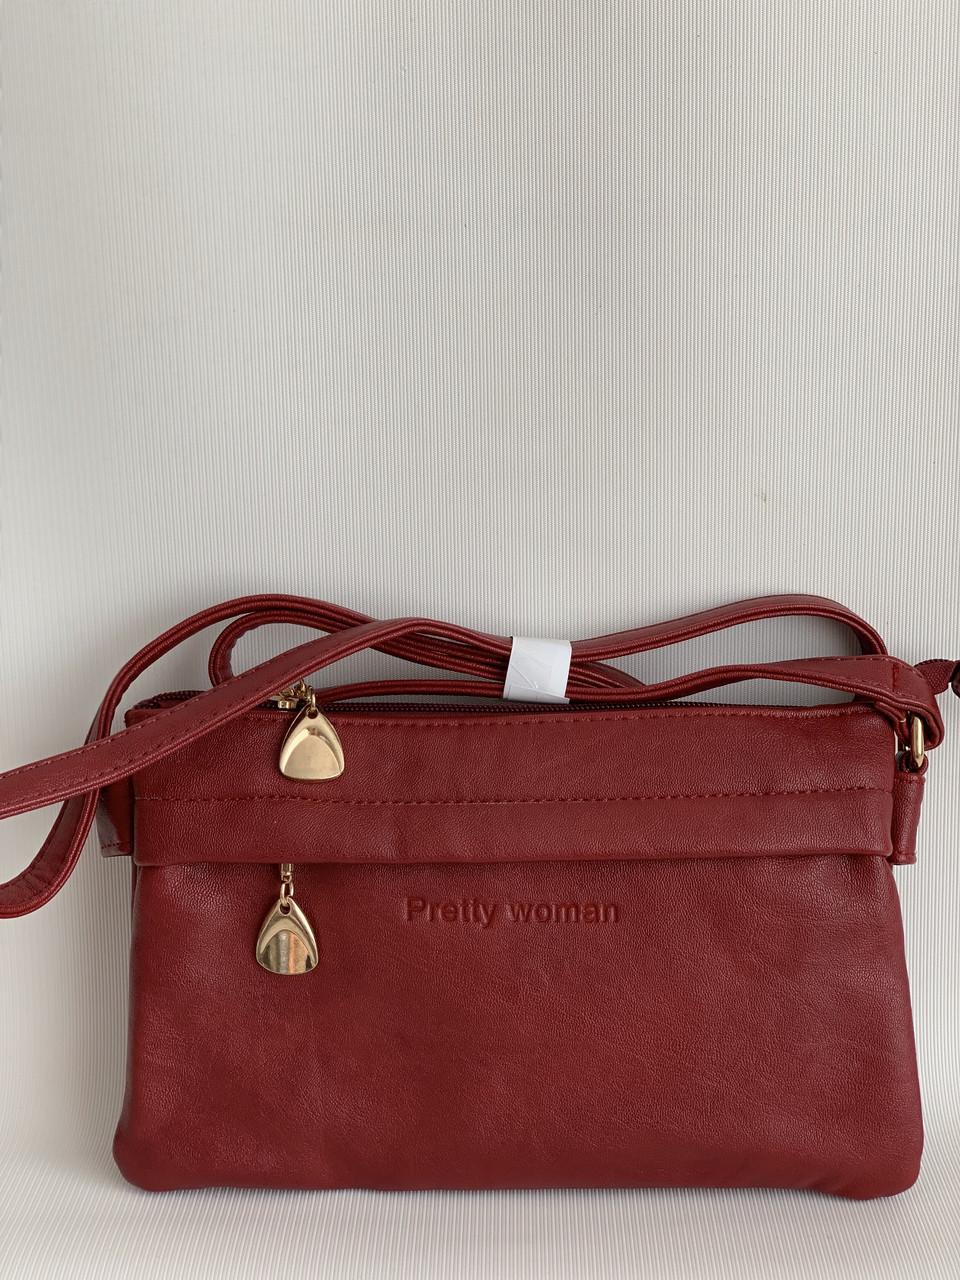 Классическая мини сумка женская клатч Pretty woman бордовая с плечевым ремнем